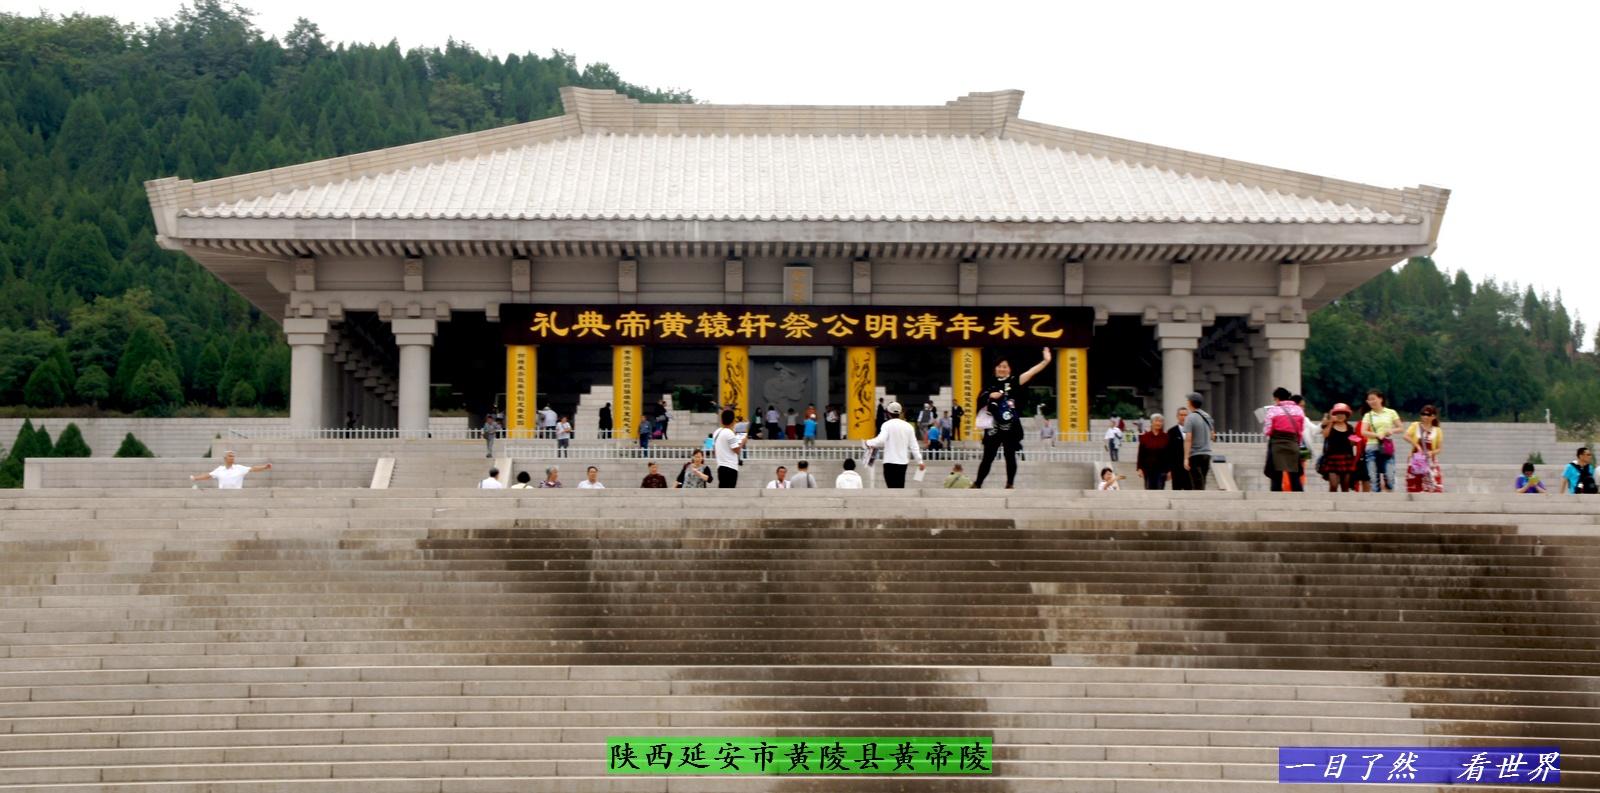 黄帝陵景区--48-1600.jpg